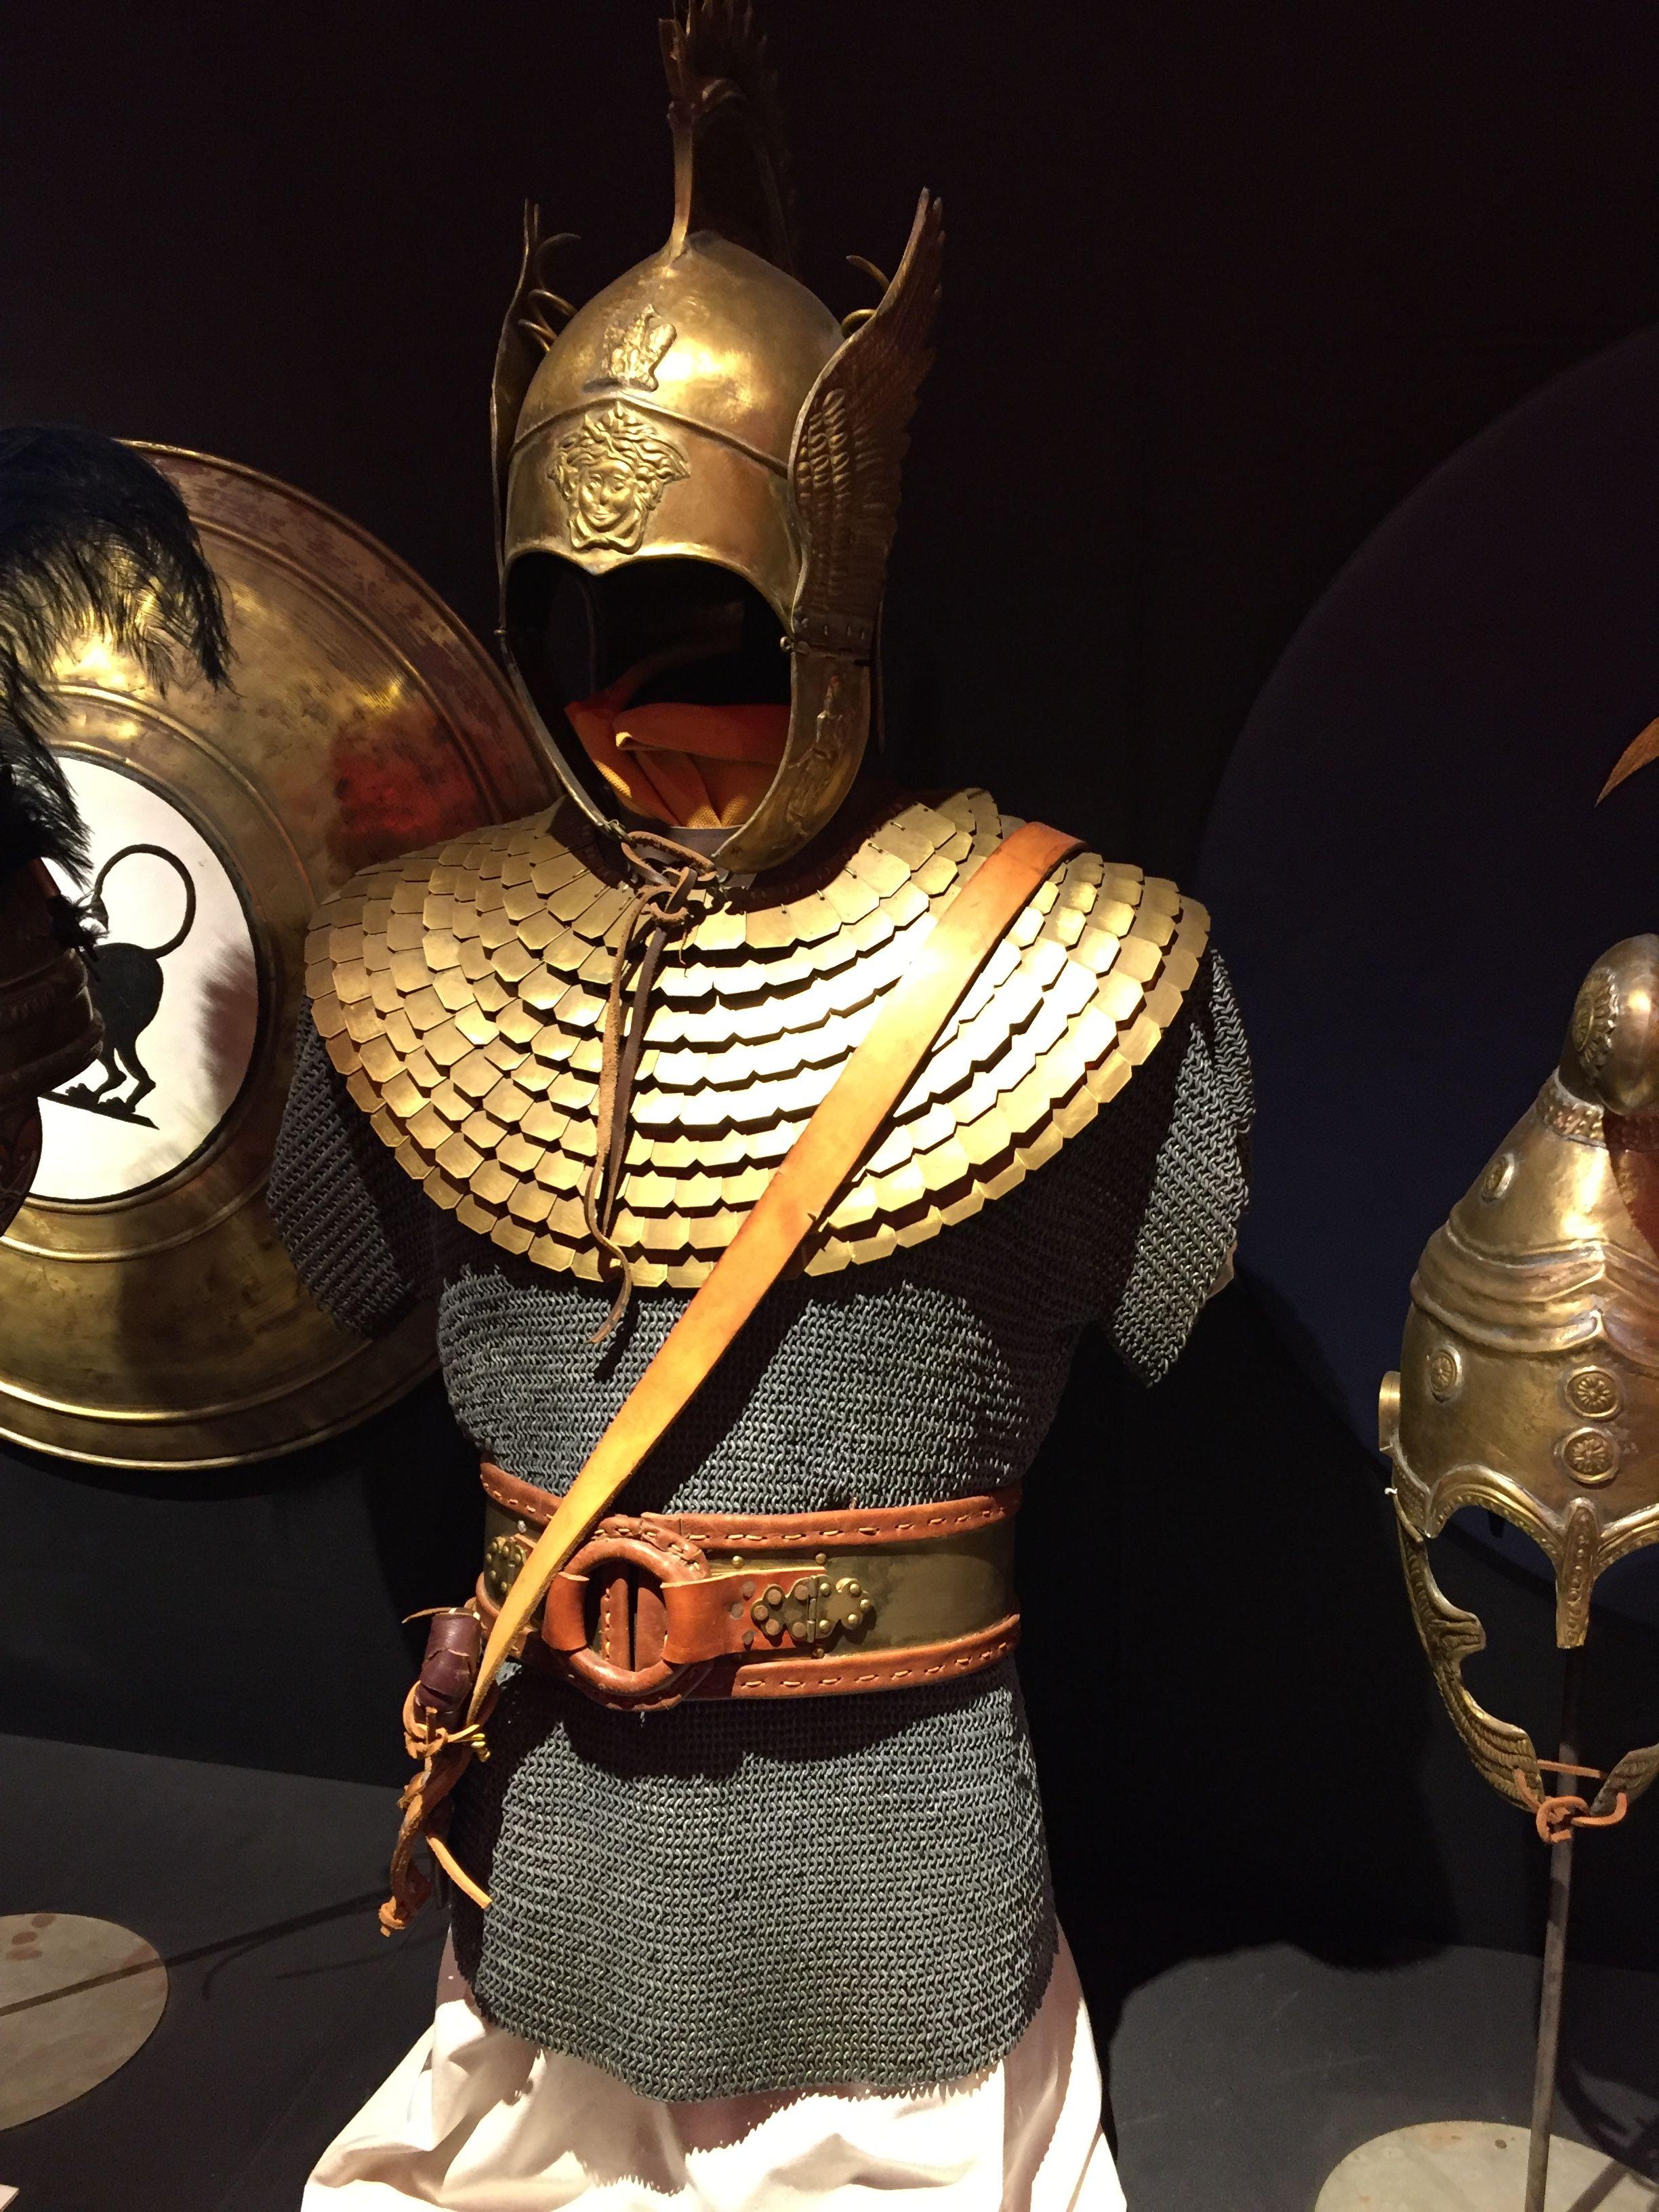 несколько греческий рыцарь фото пятилетний пикап, поменял